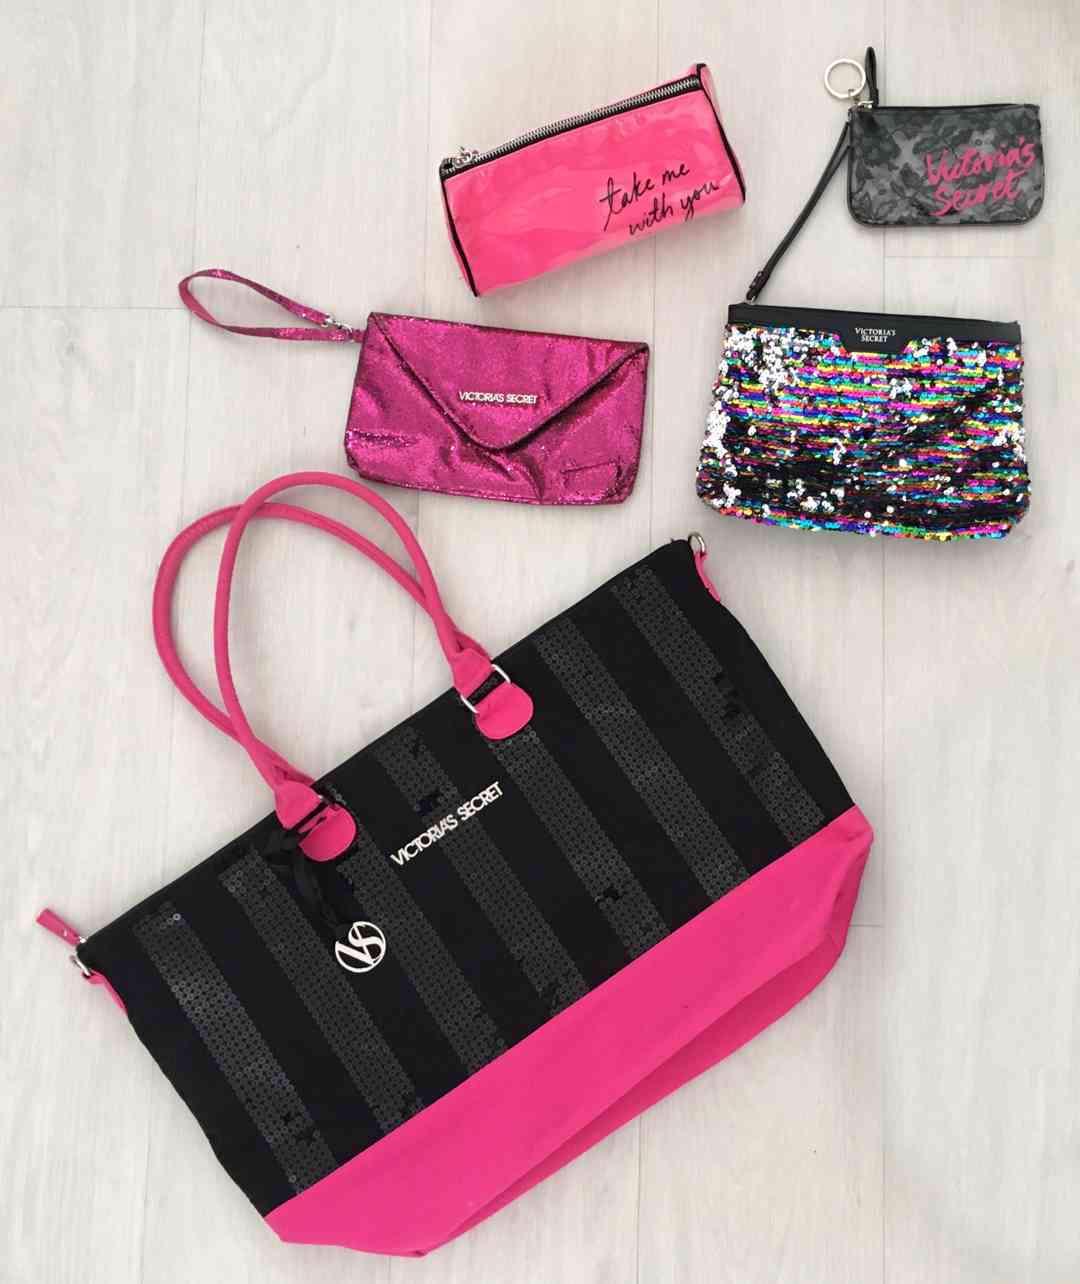 Tašky / kabely Victoria's Secret - foto 1